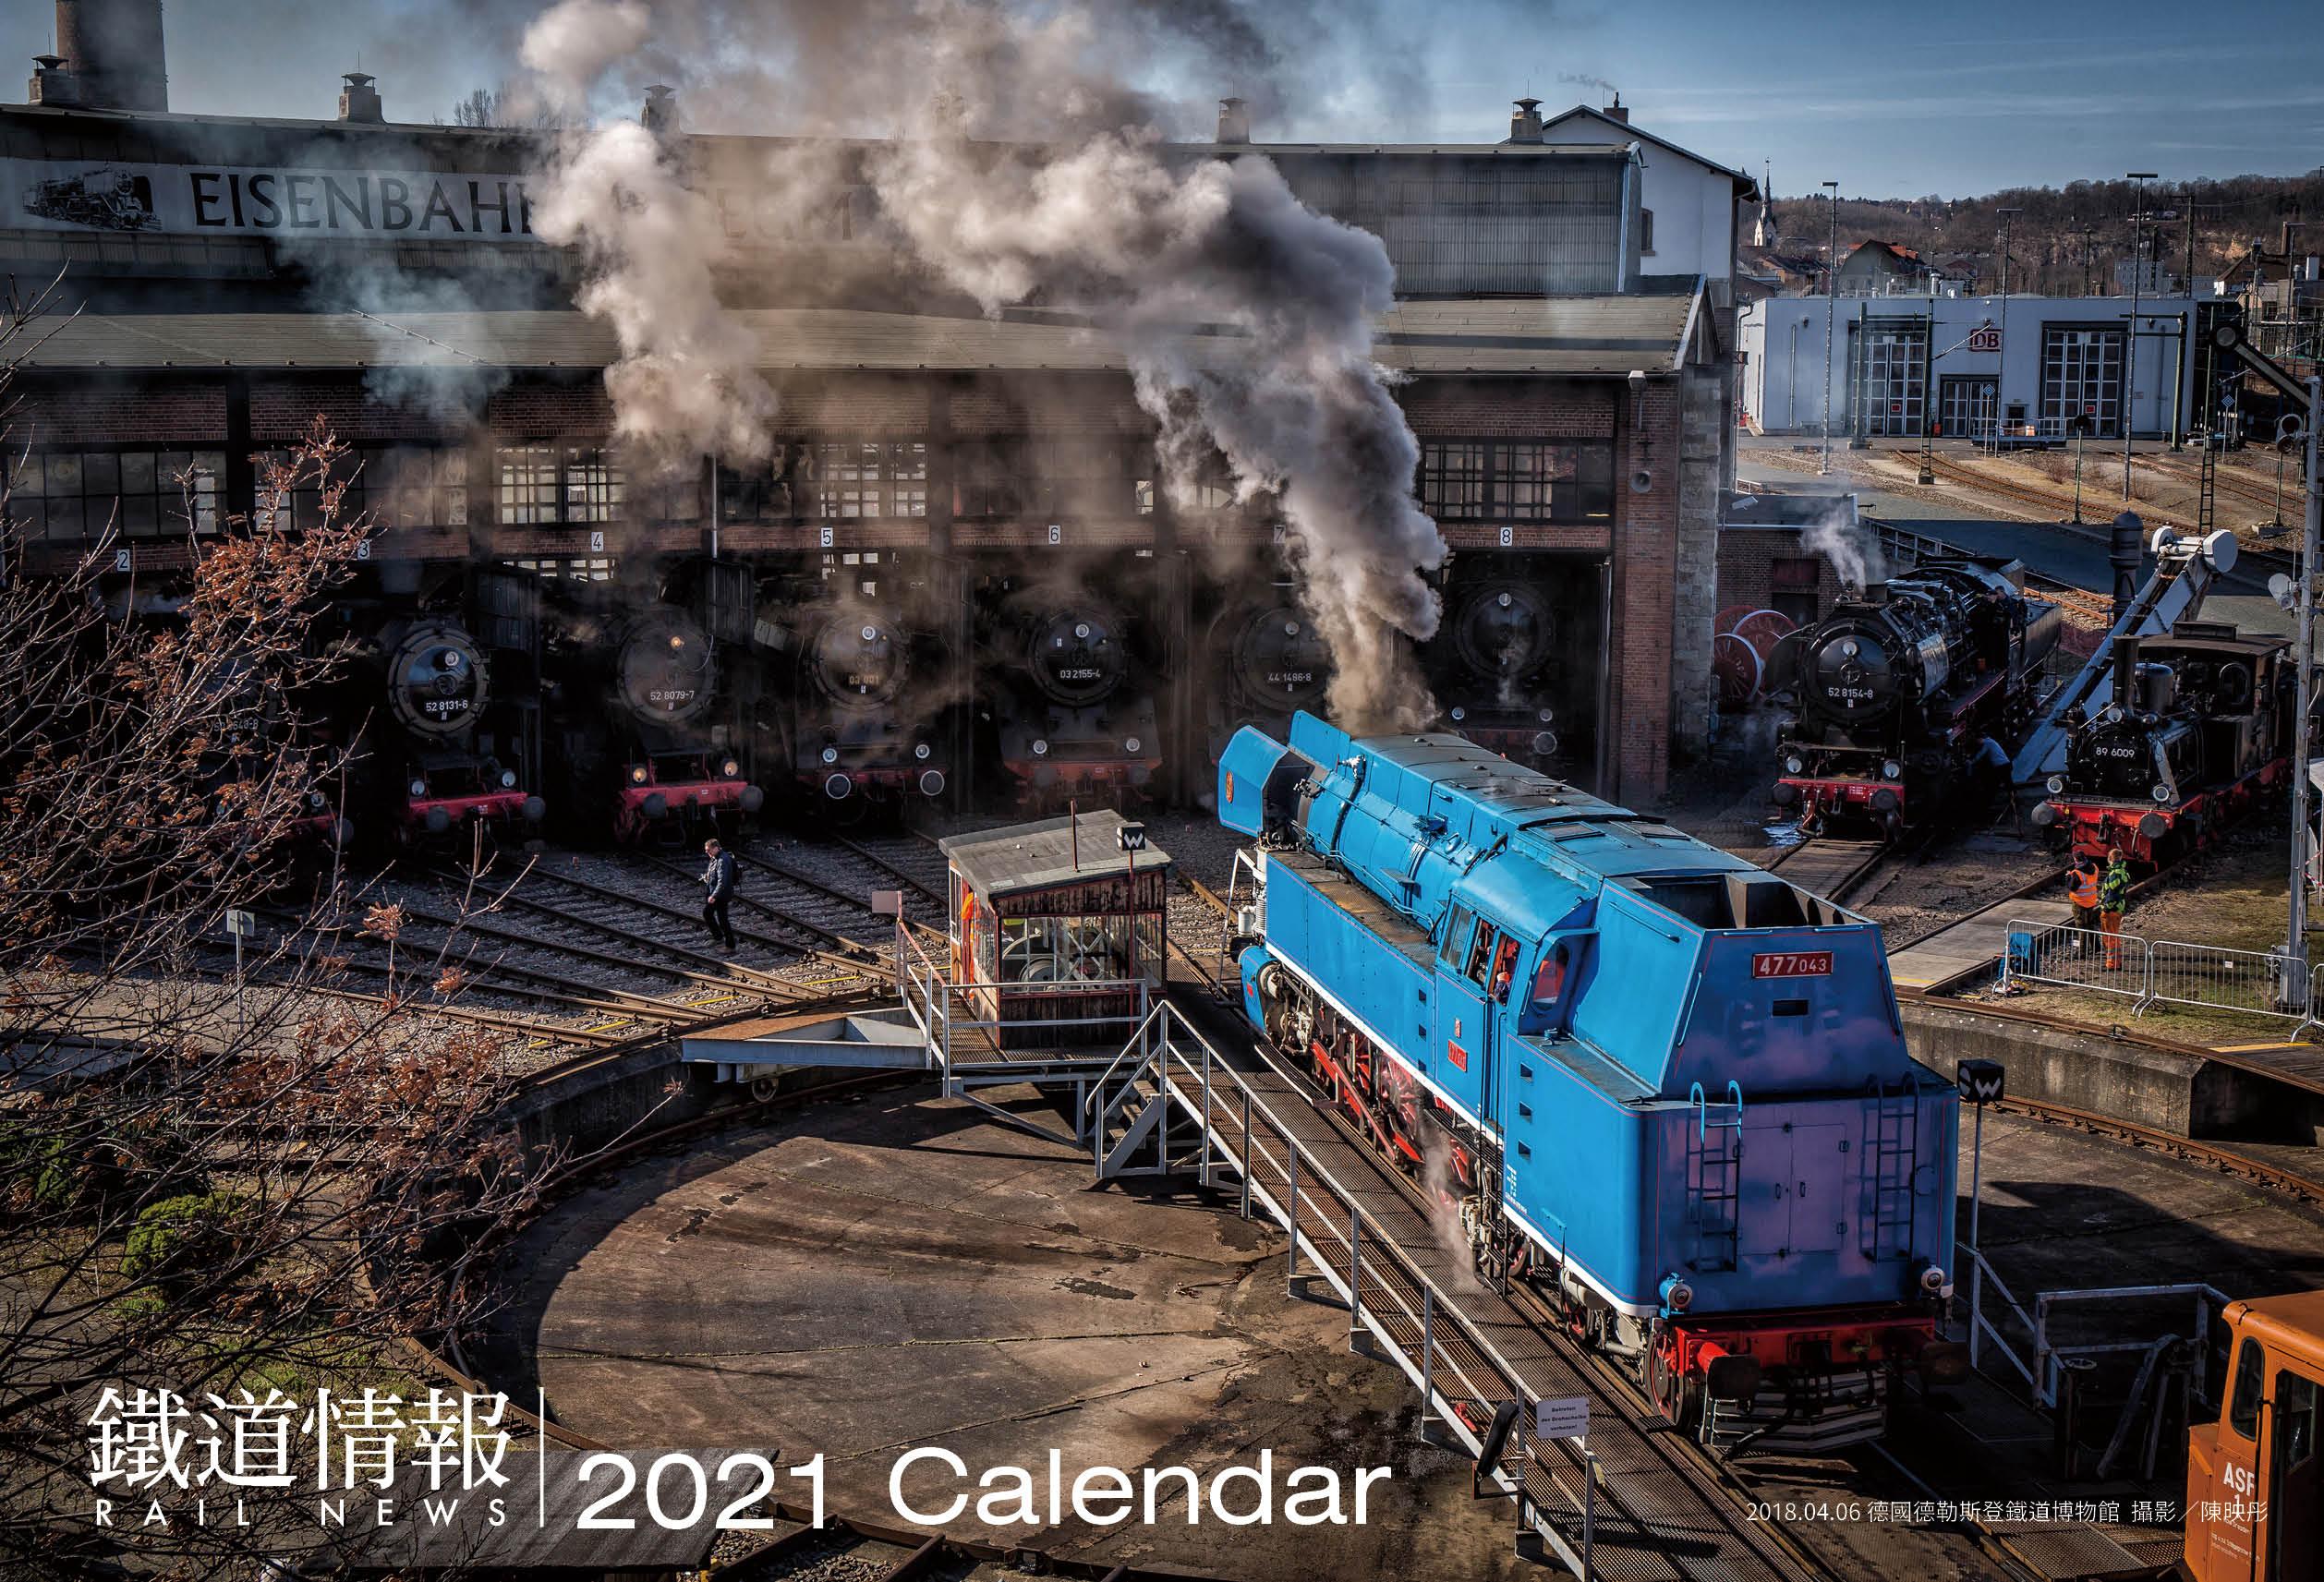 鐵道情報2021年桌曆